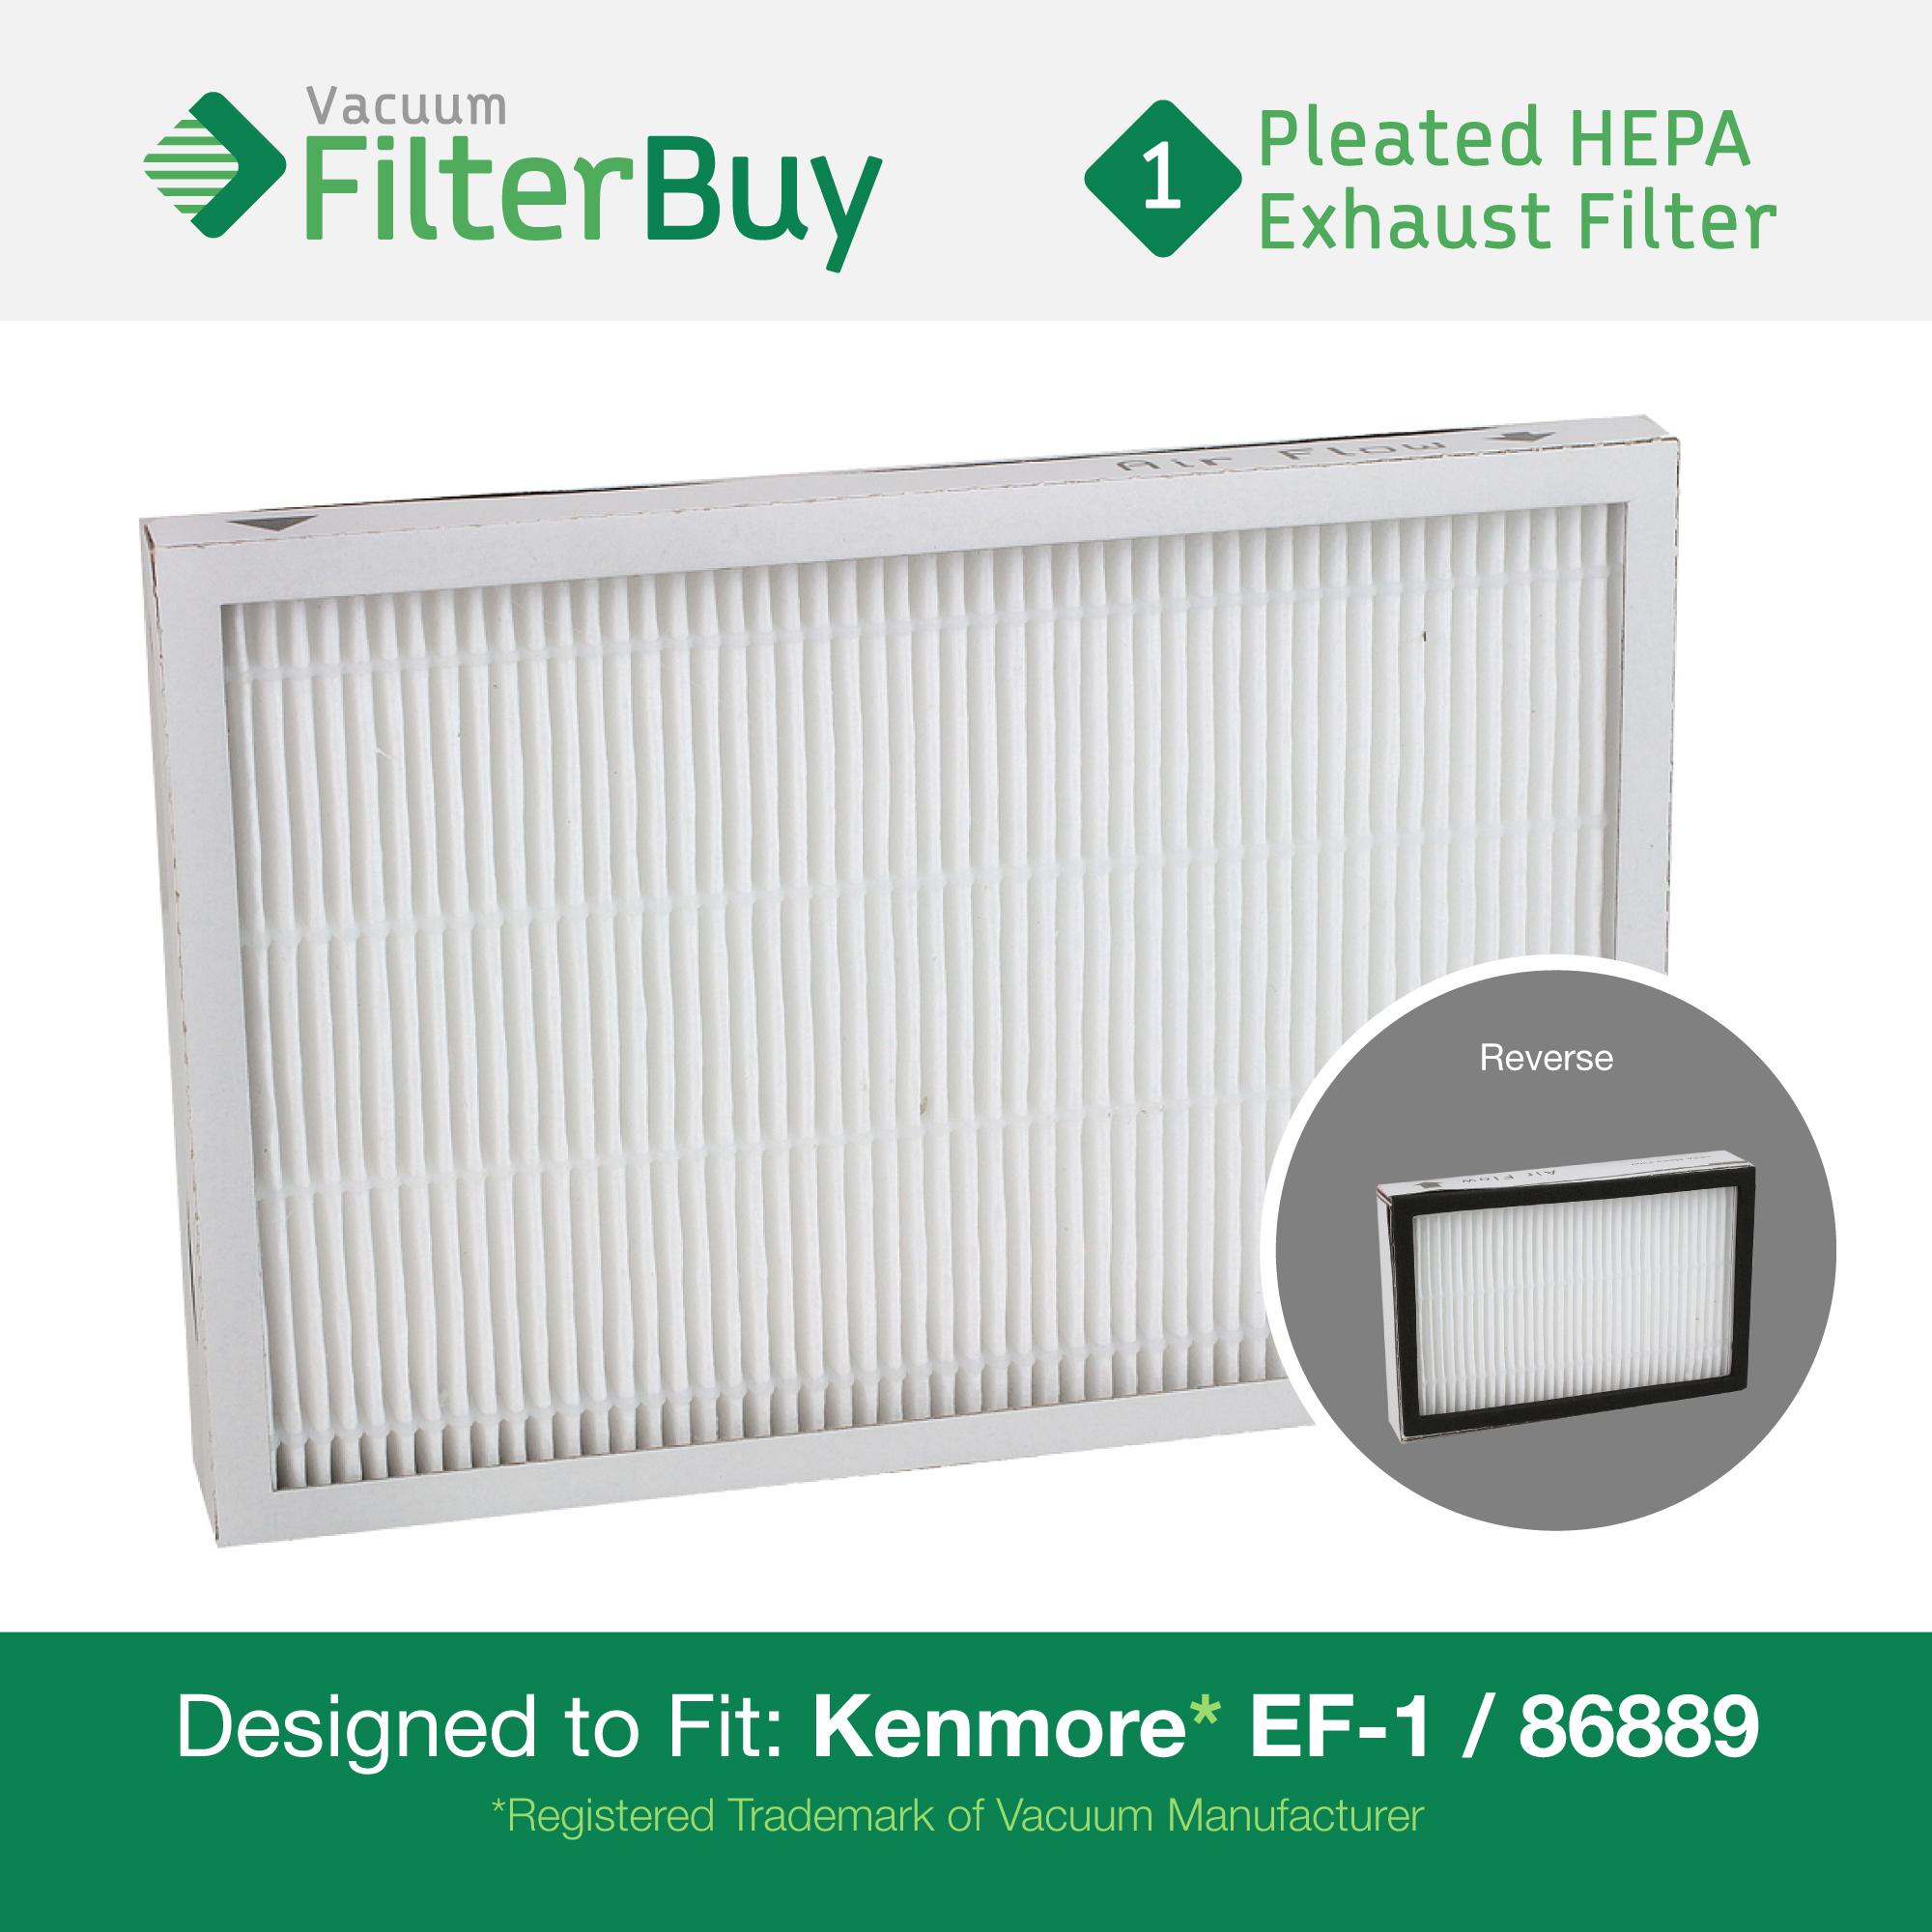 kenmore ef-1 86889 exhaust vacuum hepa filter. designed by filterbuy ...